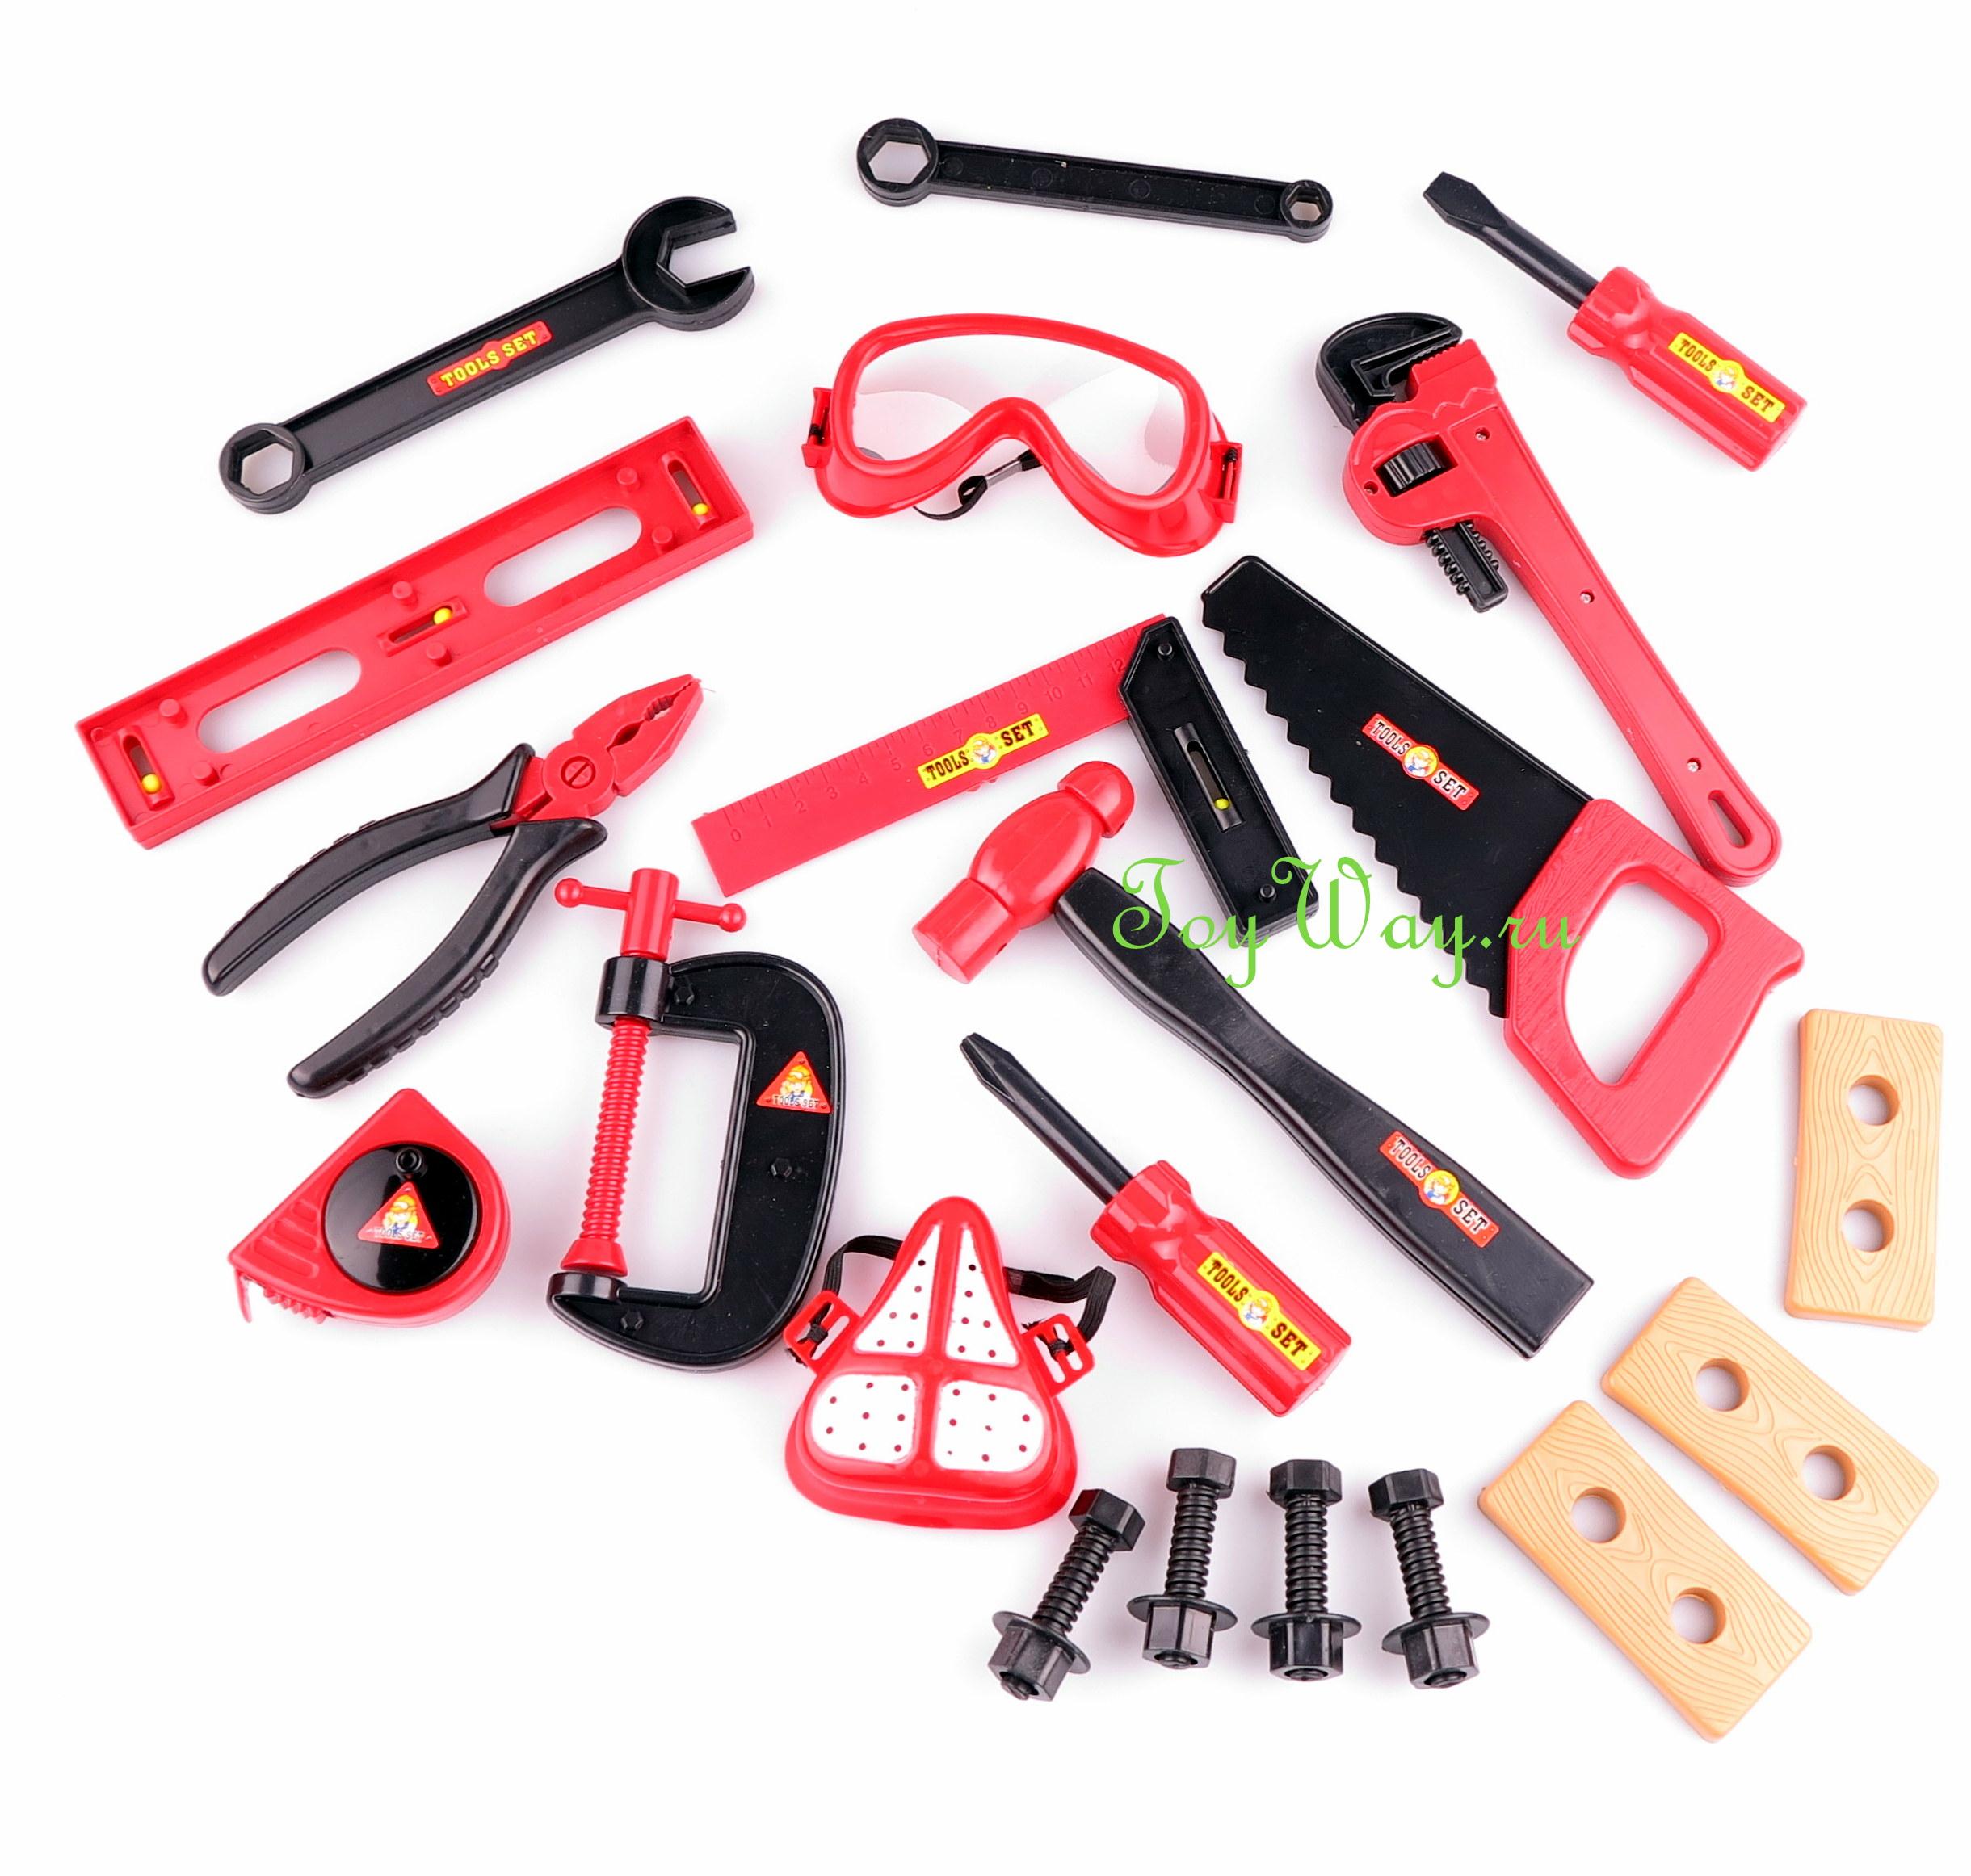 Большой набор инструментовДетские мастерские, инструменты<br>Большой набор инструментов<br>